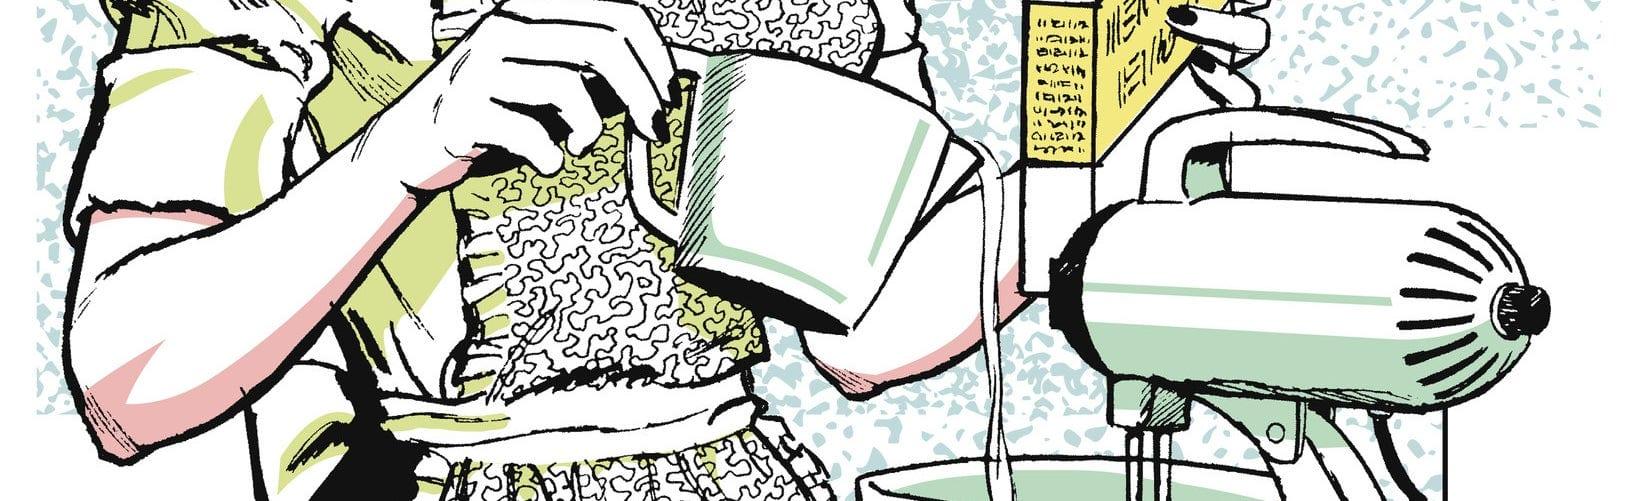 Pedaço de ilustração, com uma pessoa de avental segurando uma caixa de farinha e uma jarra despejando líquido dentro de uma batedeira.